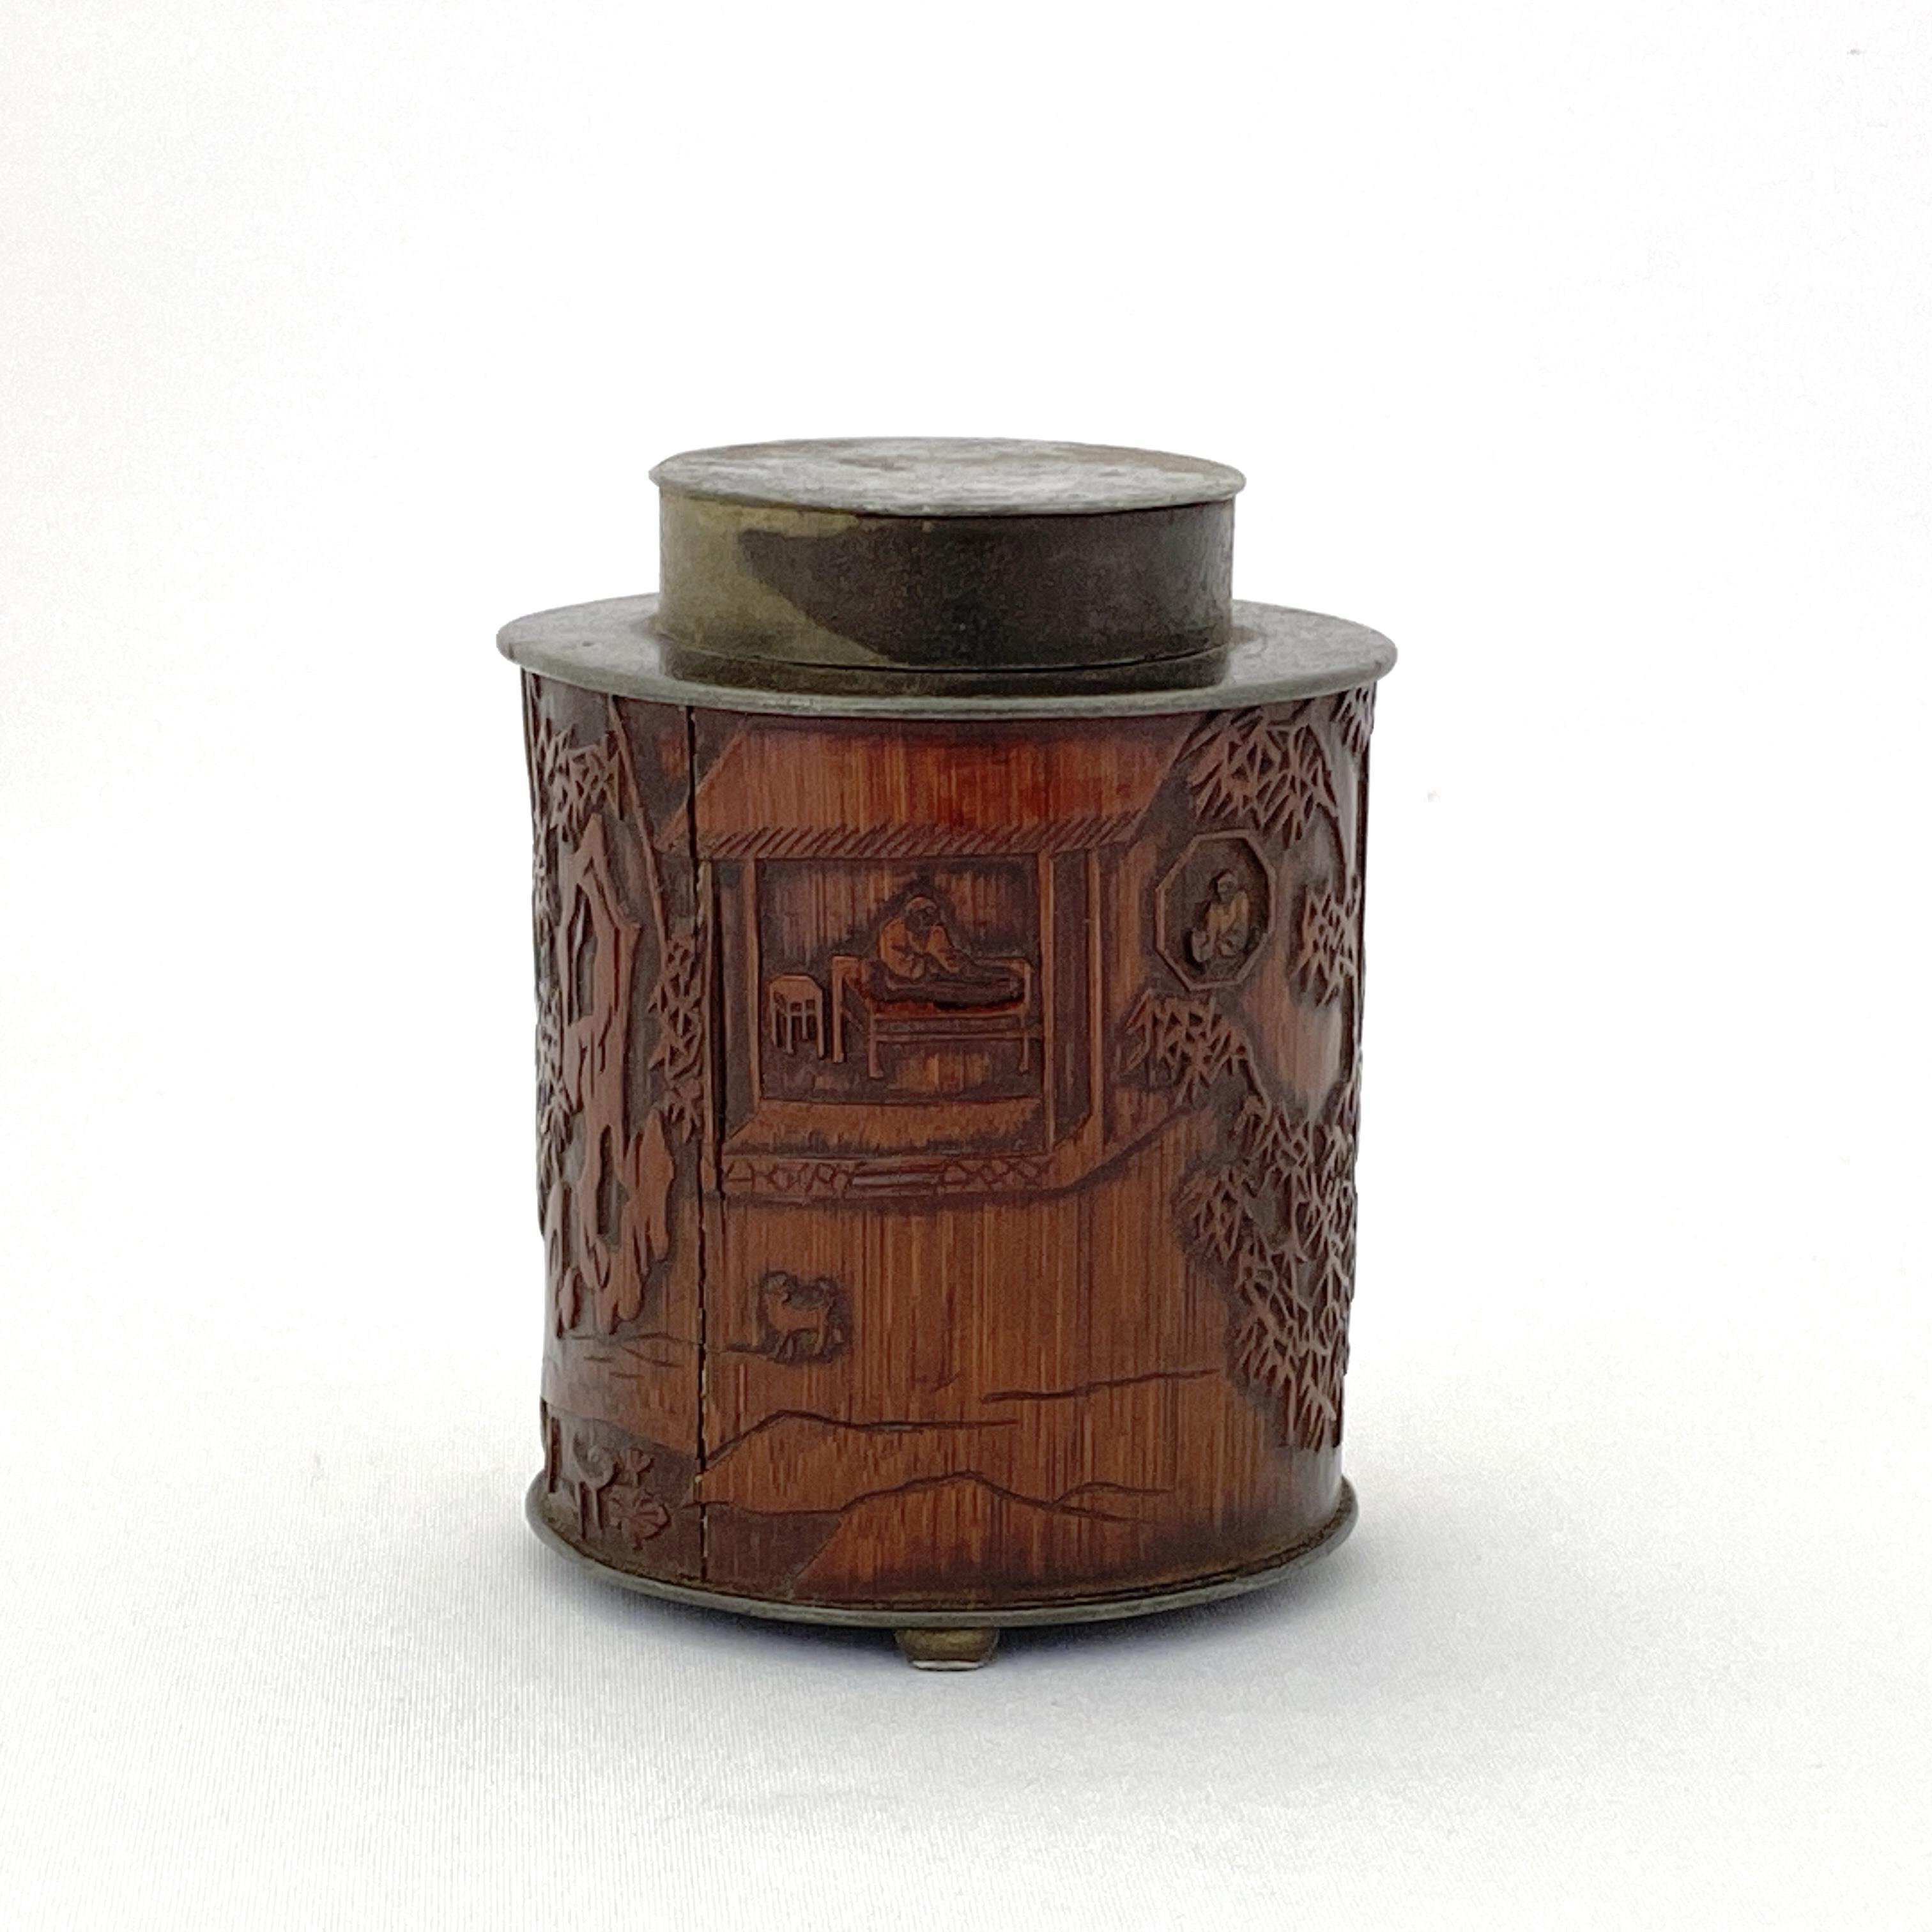 20153清 在銘 錫嵌竹雕 人物詩文紋 茶缸